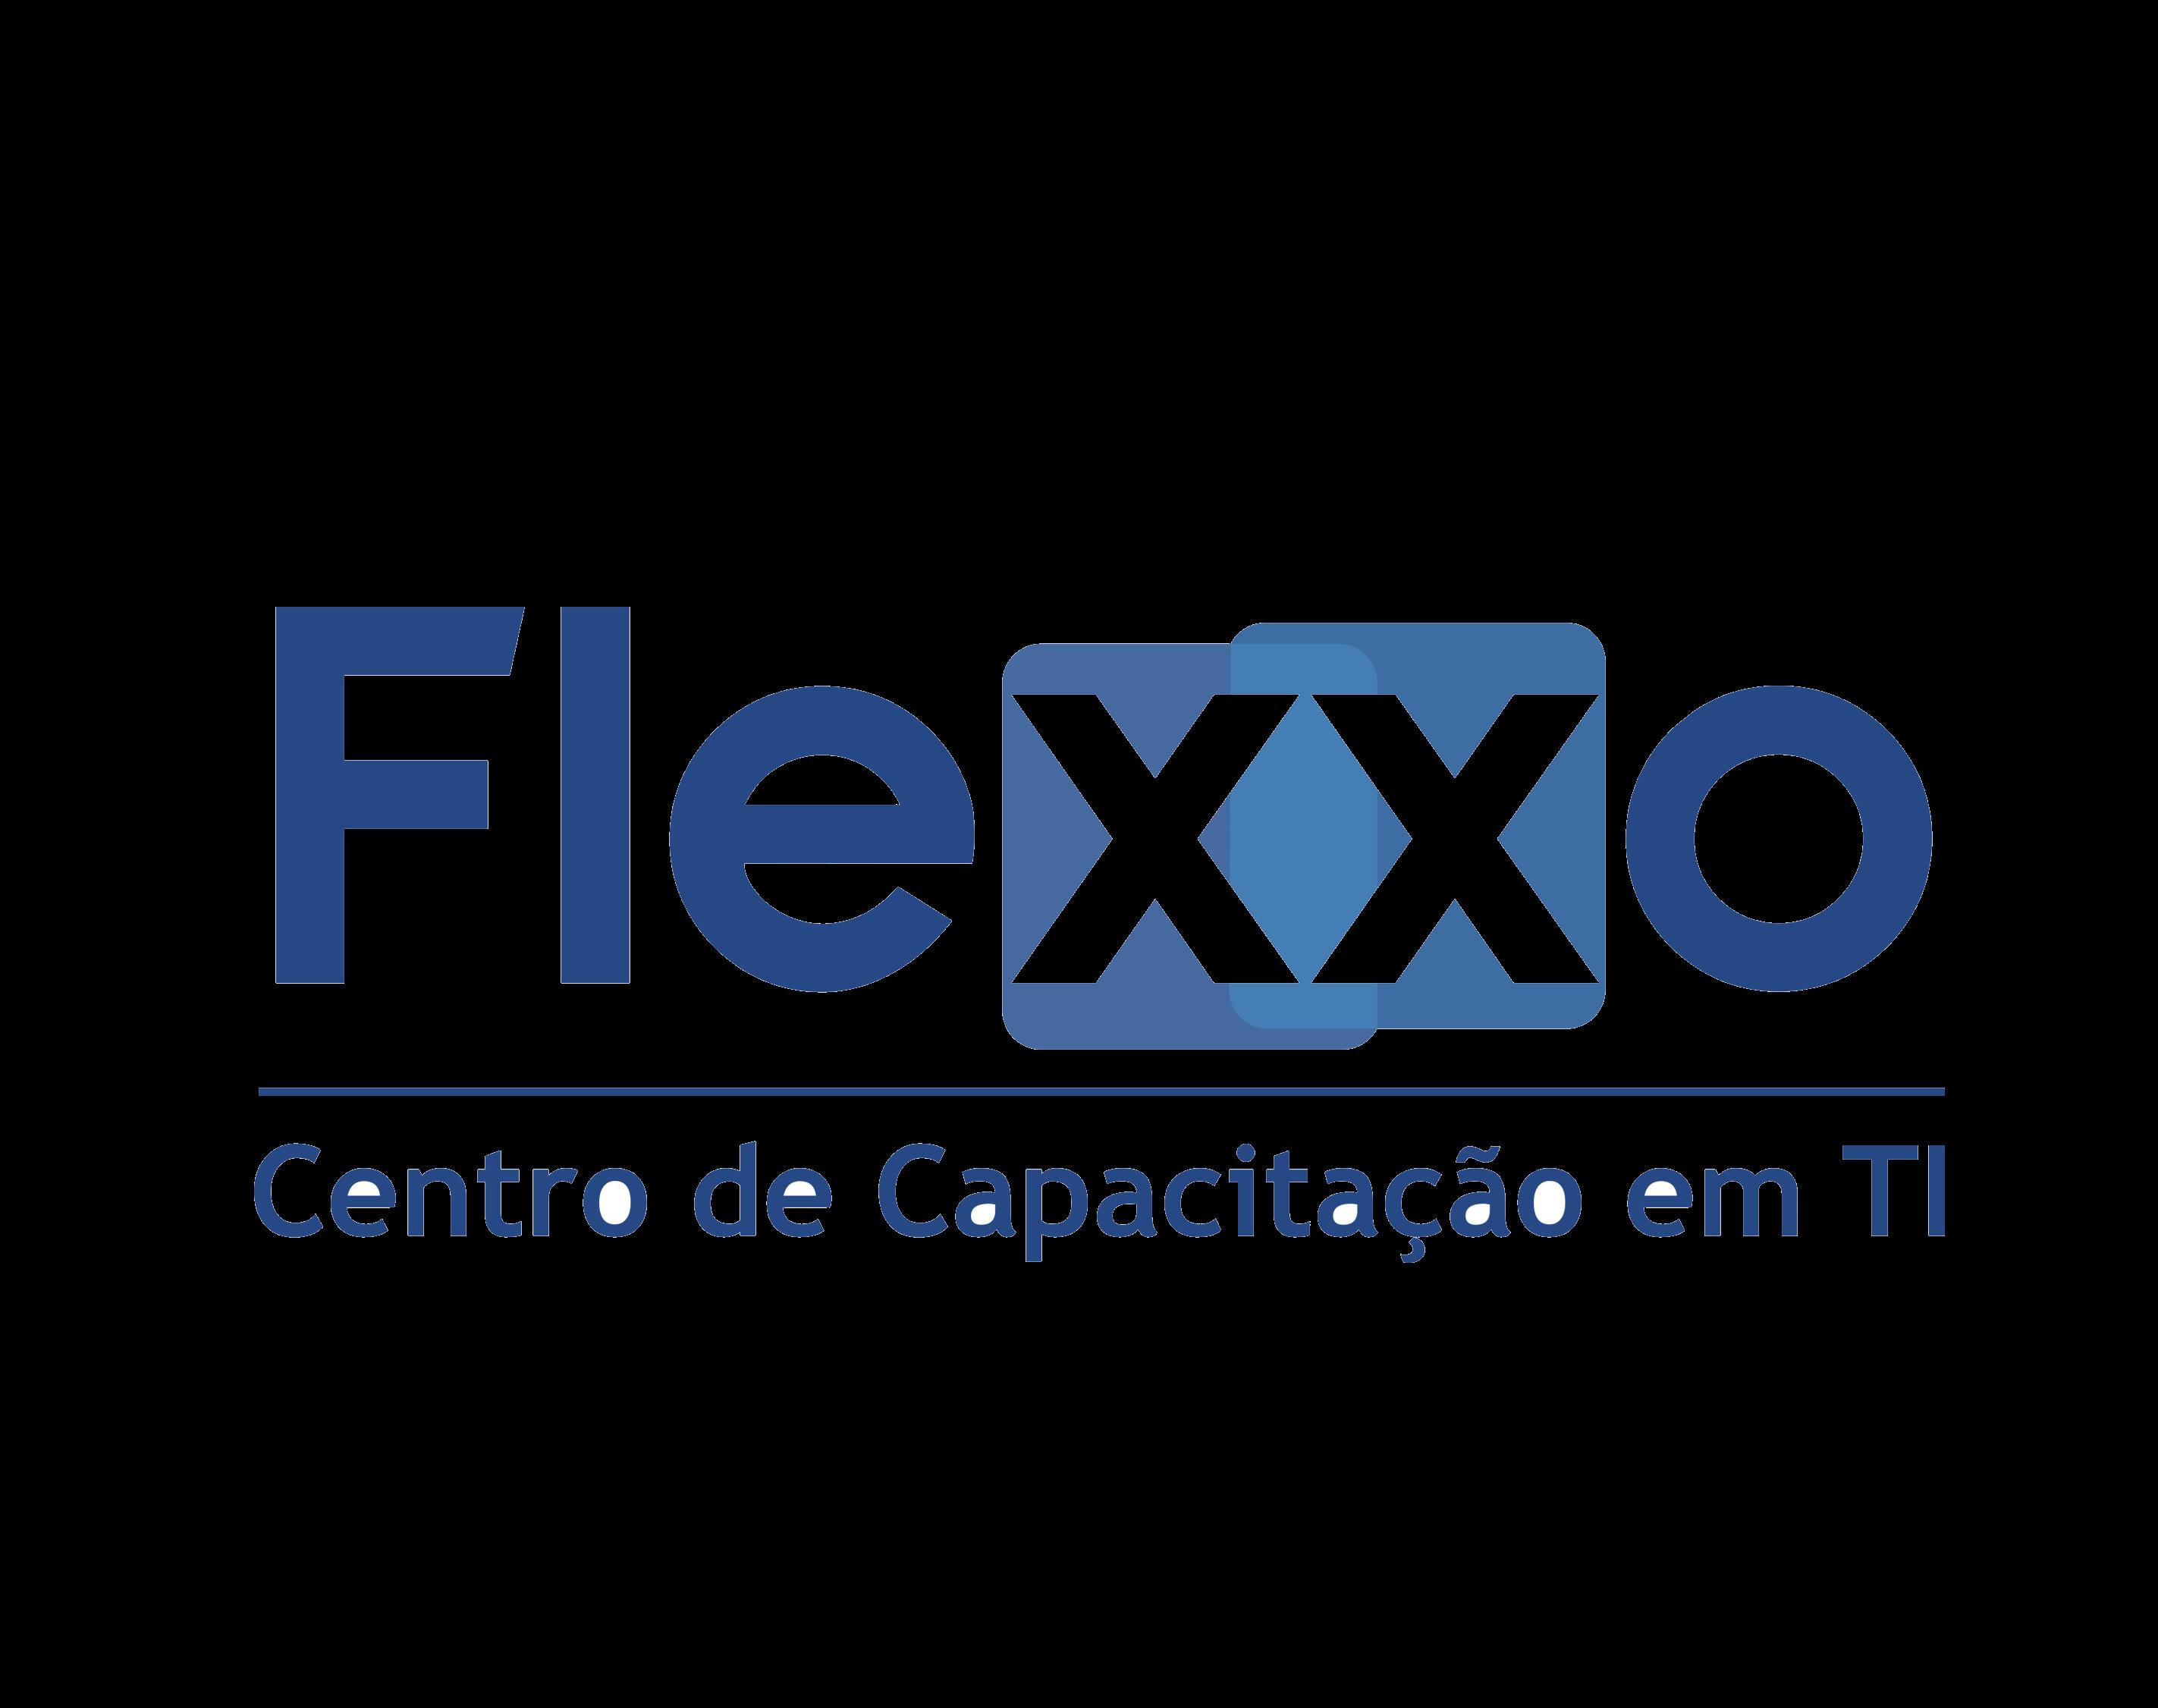 Flexxo Centro de Capacitação